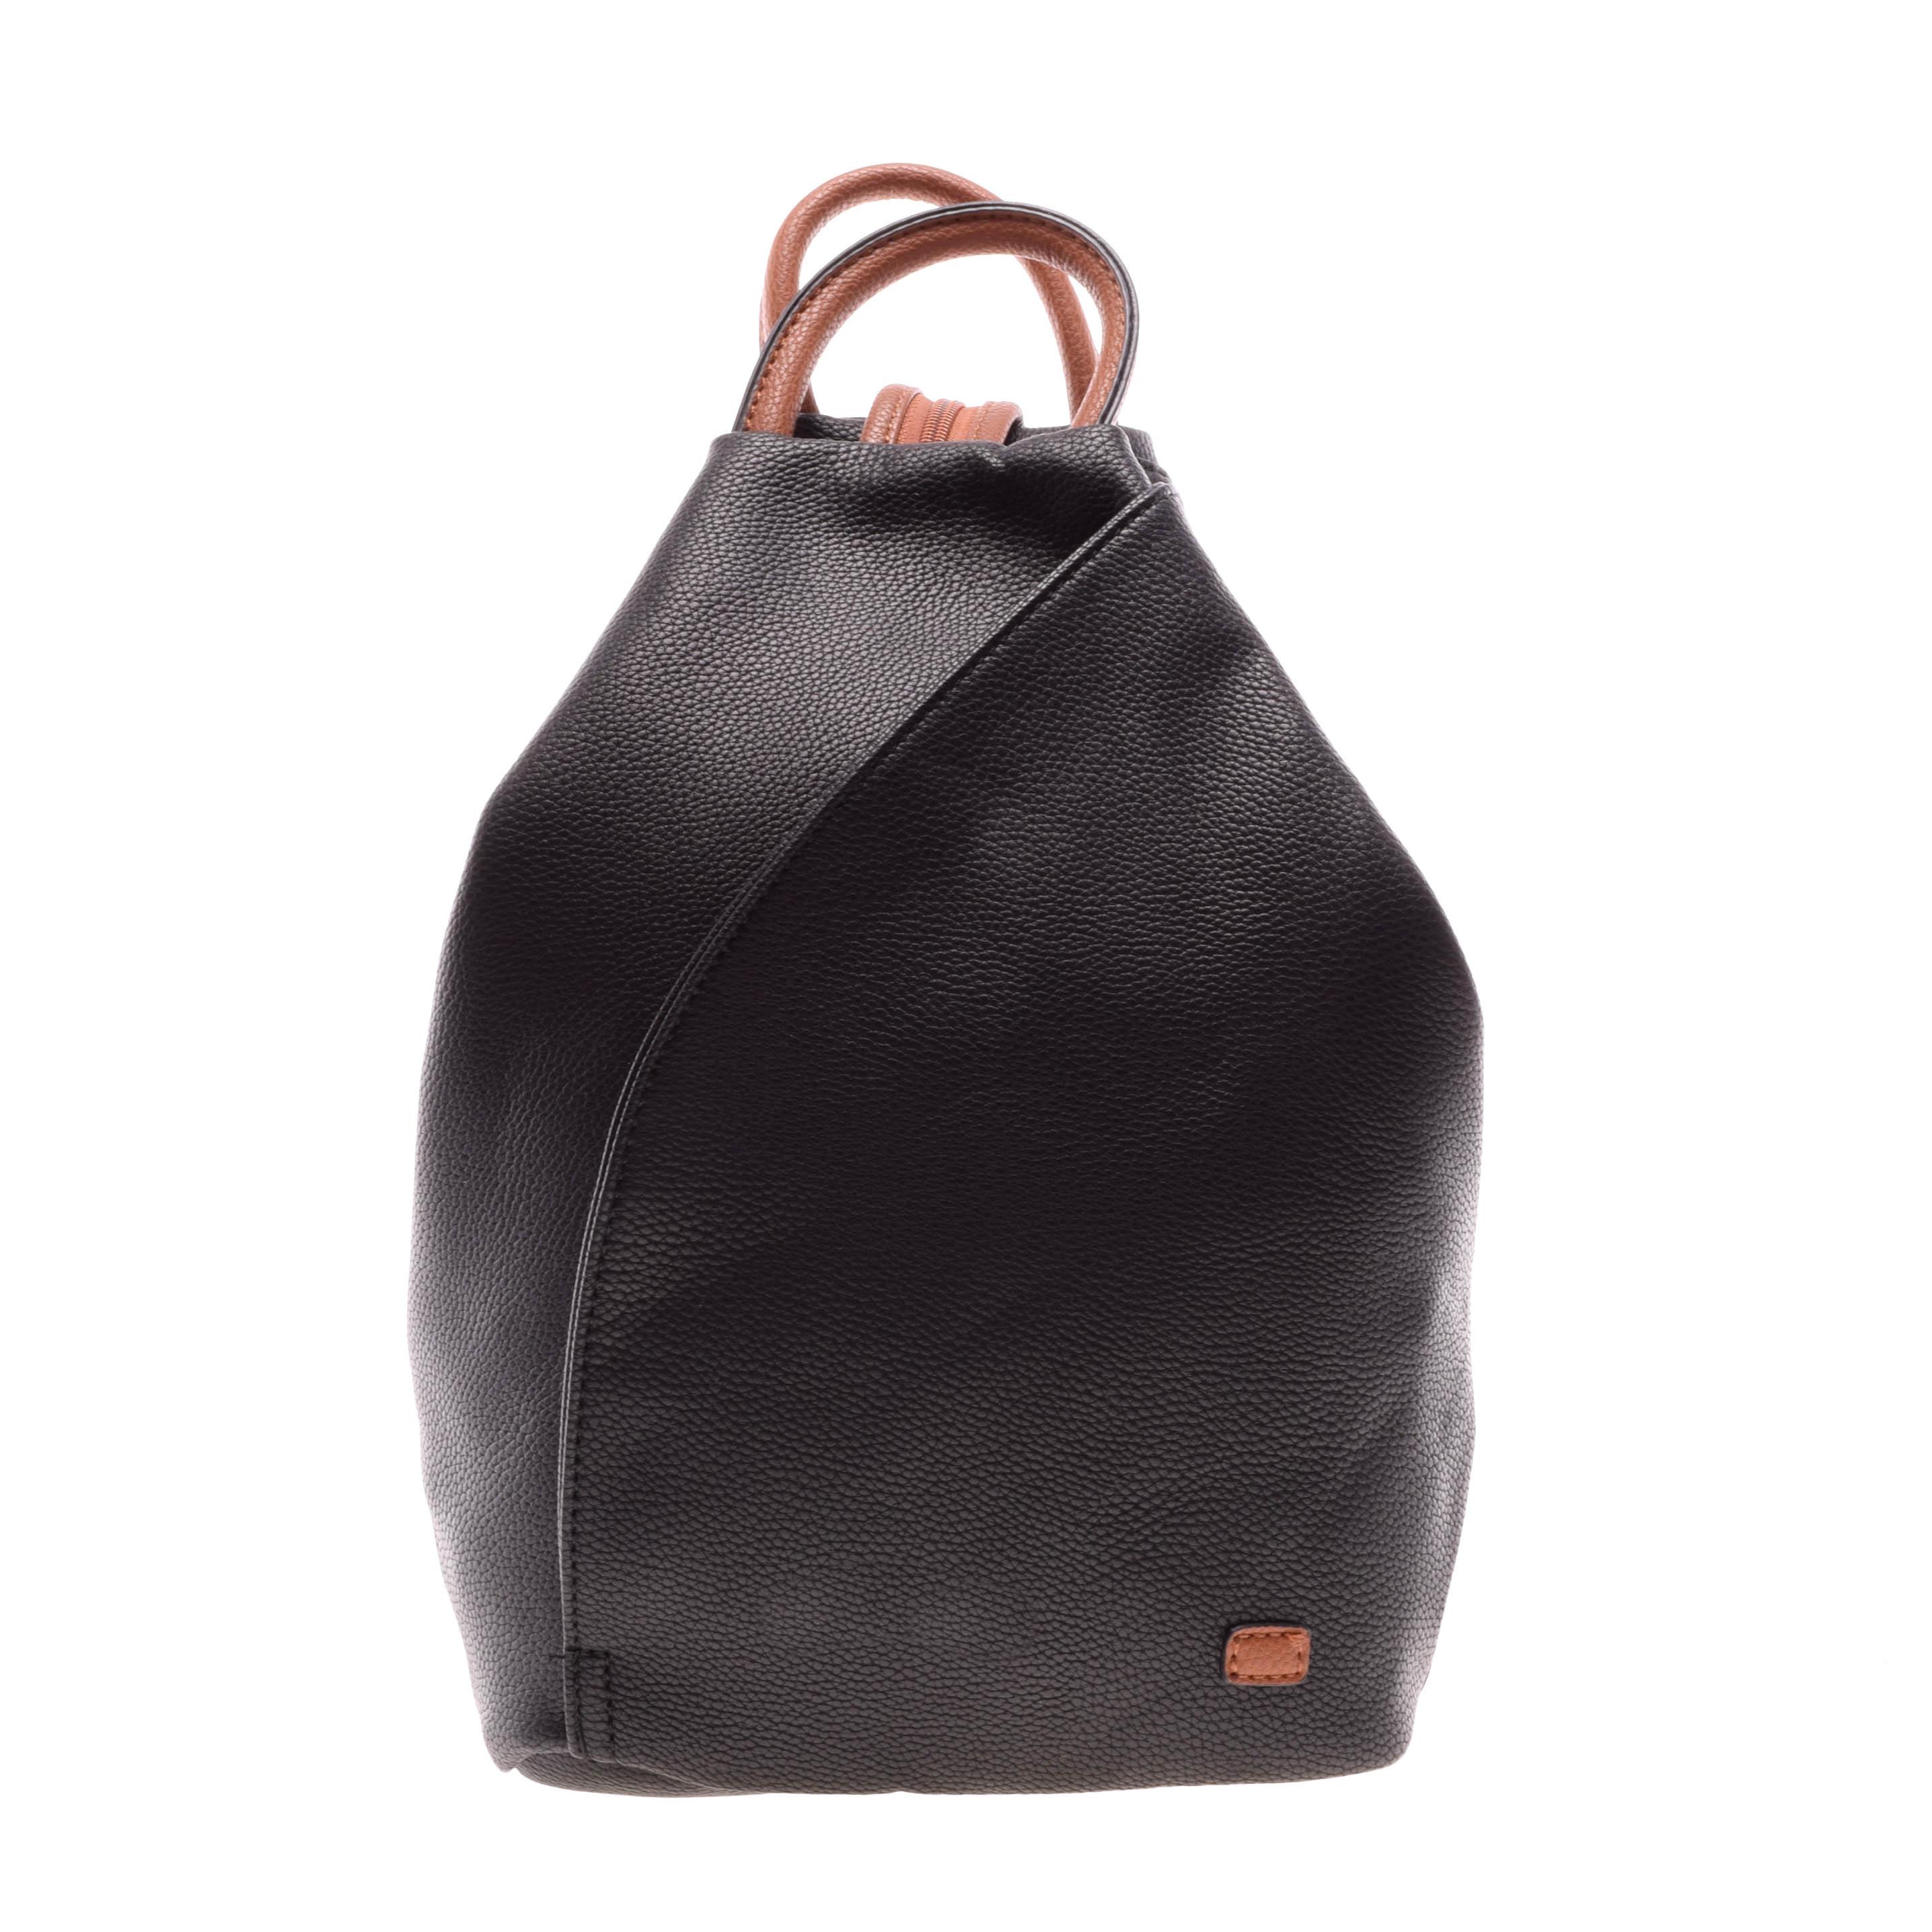 Női Barna-Fekete Műbőr Átalakítható Hátizsák - NŐI TÁSKÁK - Táska webáruház  - Minőségi táskák mindenkinek 8e32d3fe4d